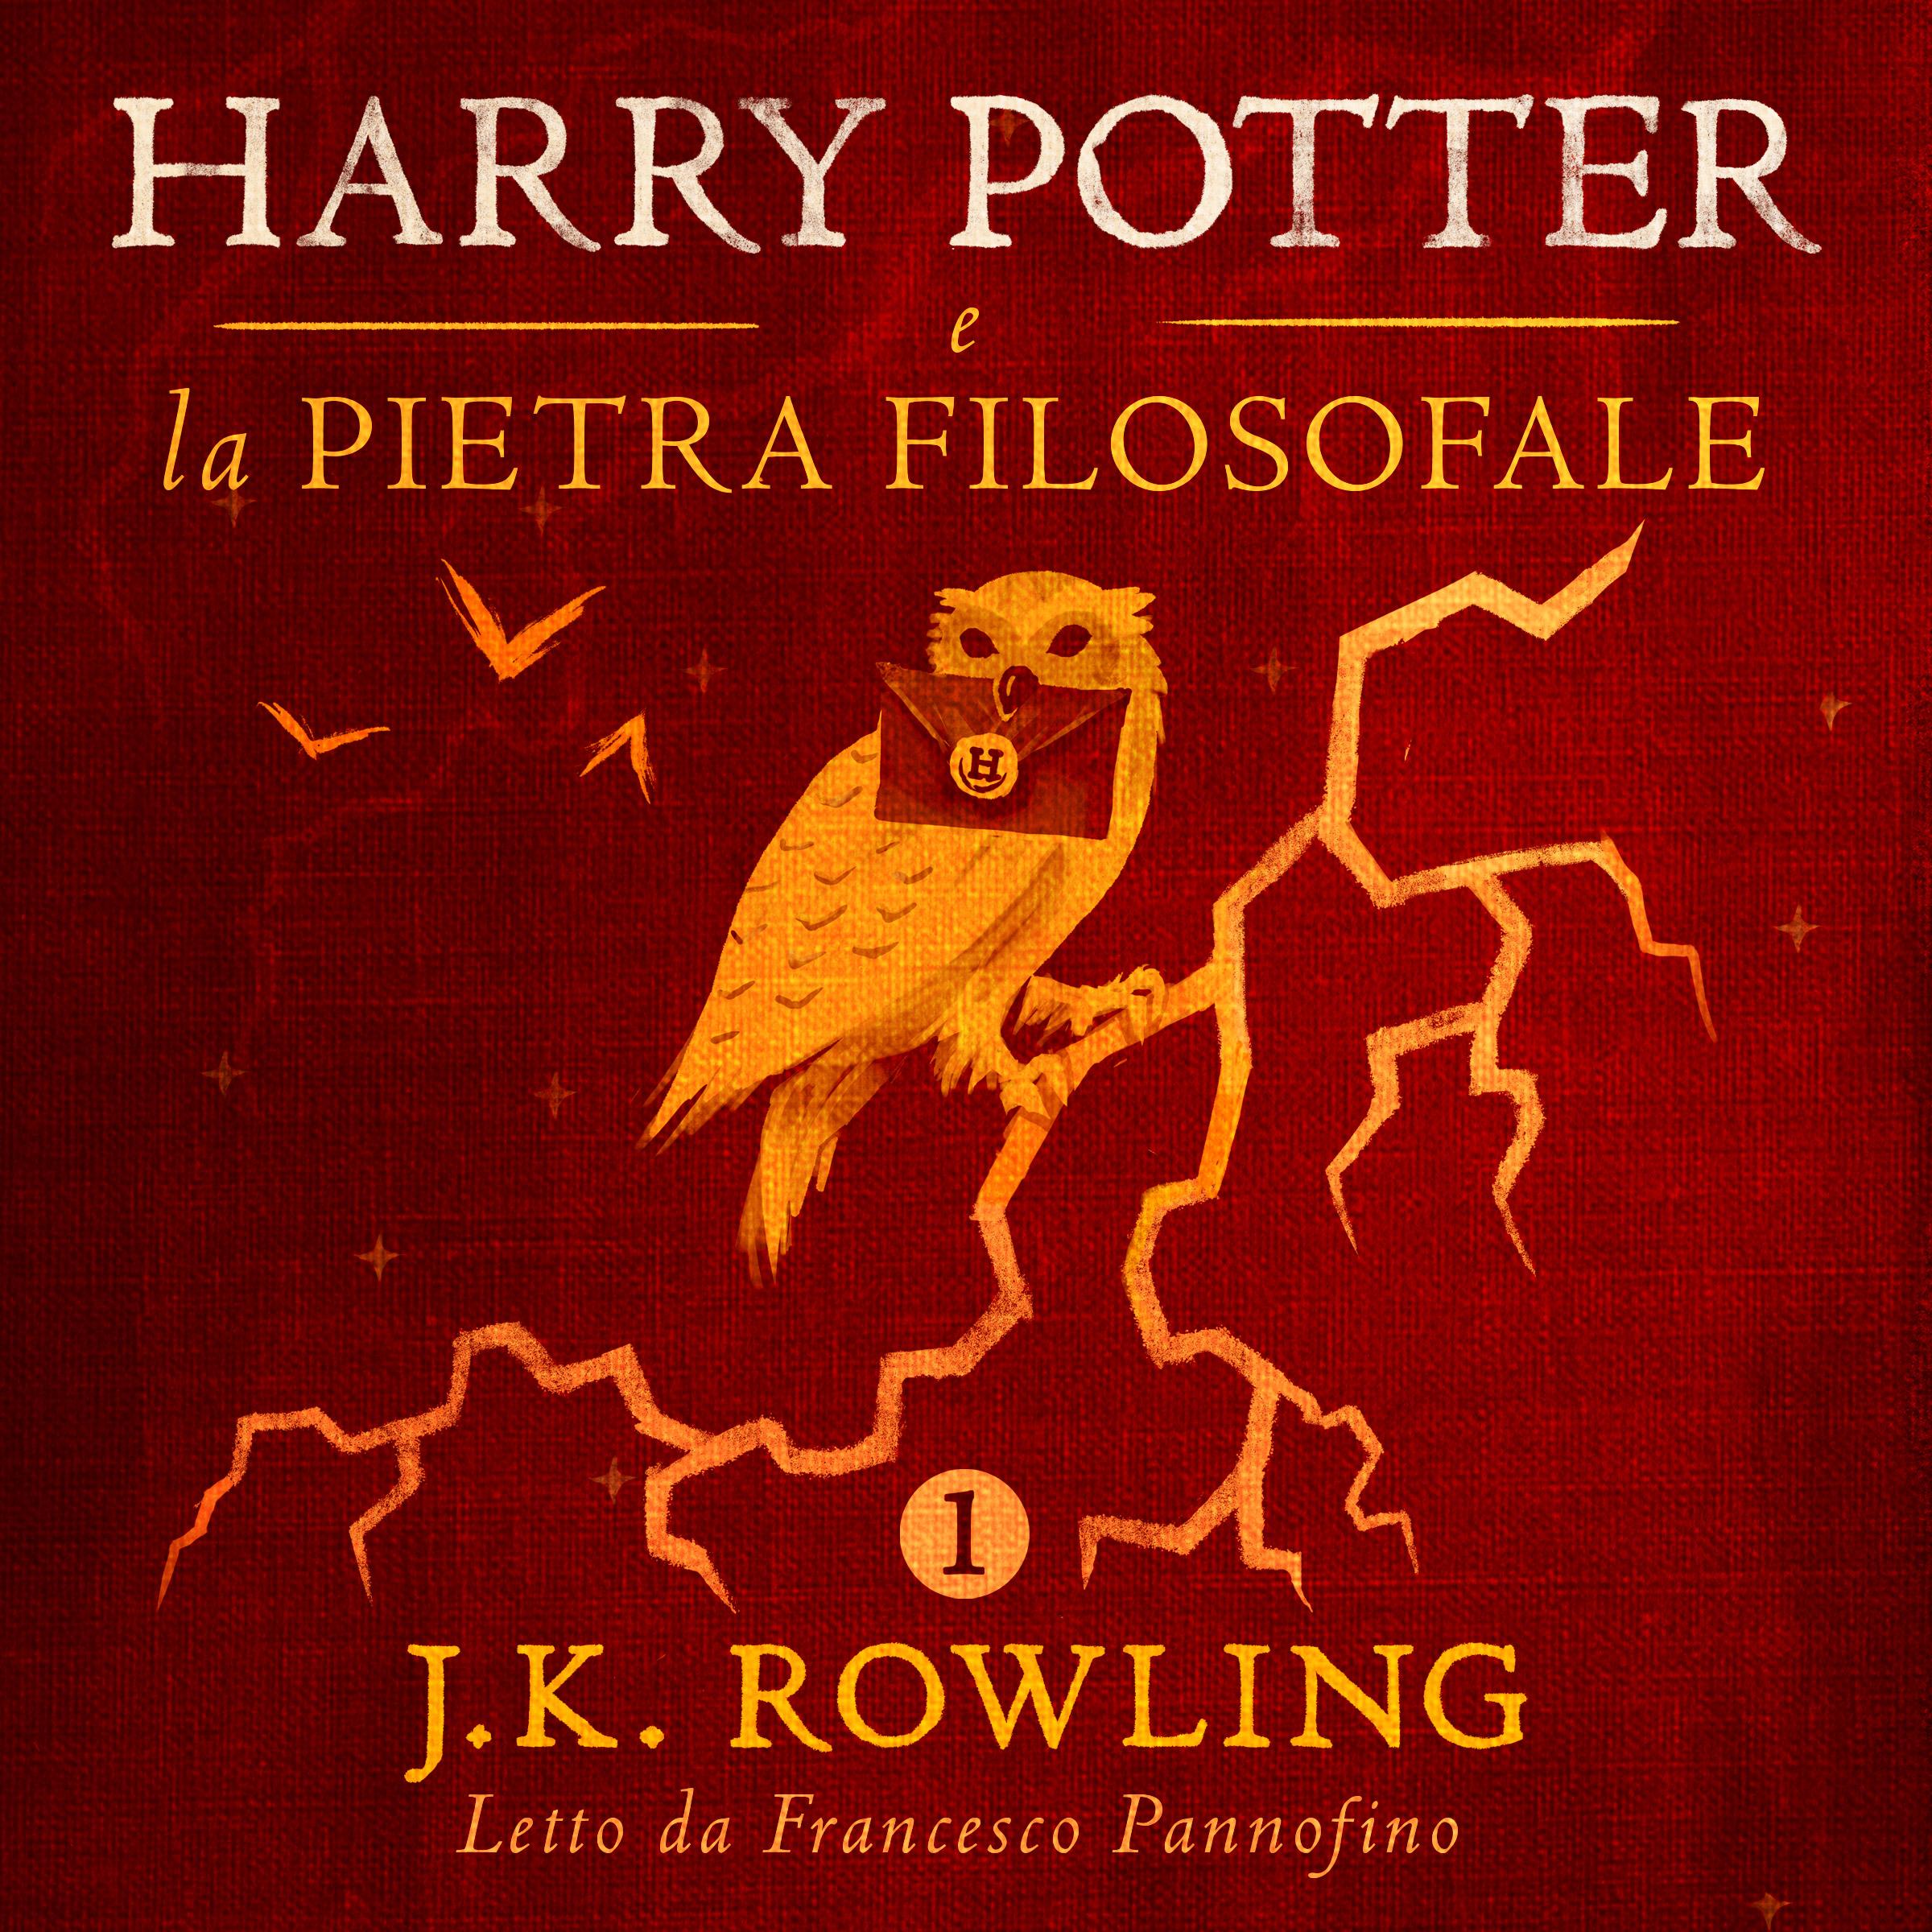 Harry Potter e la pietra filosofale: la cover dell'audiolibro